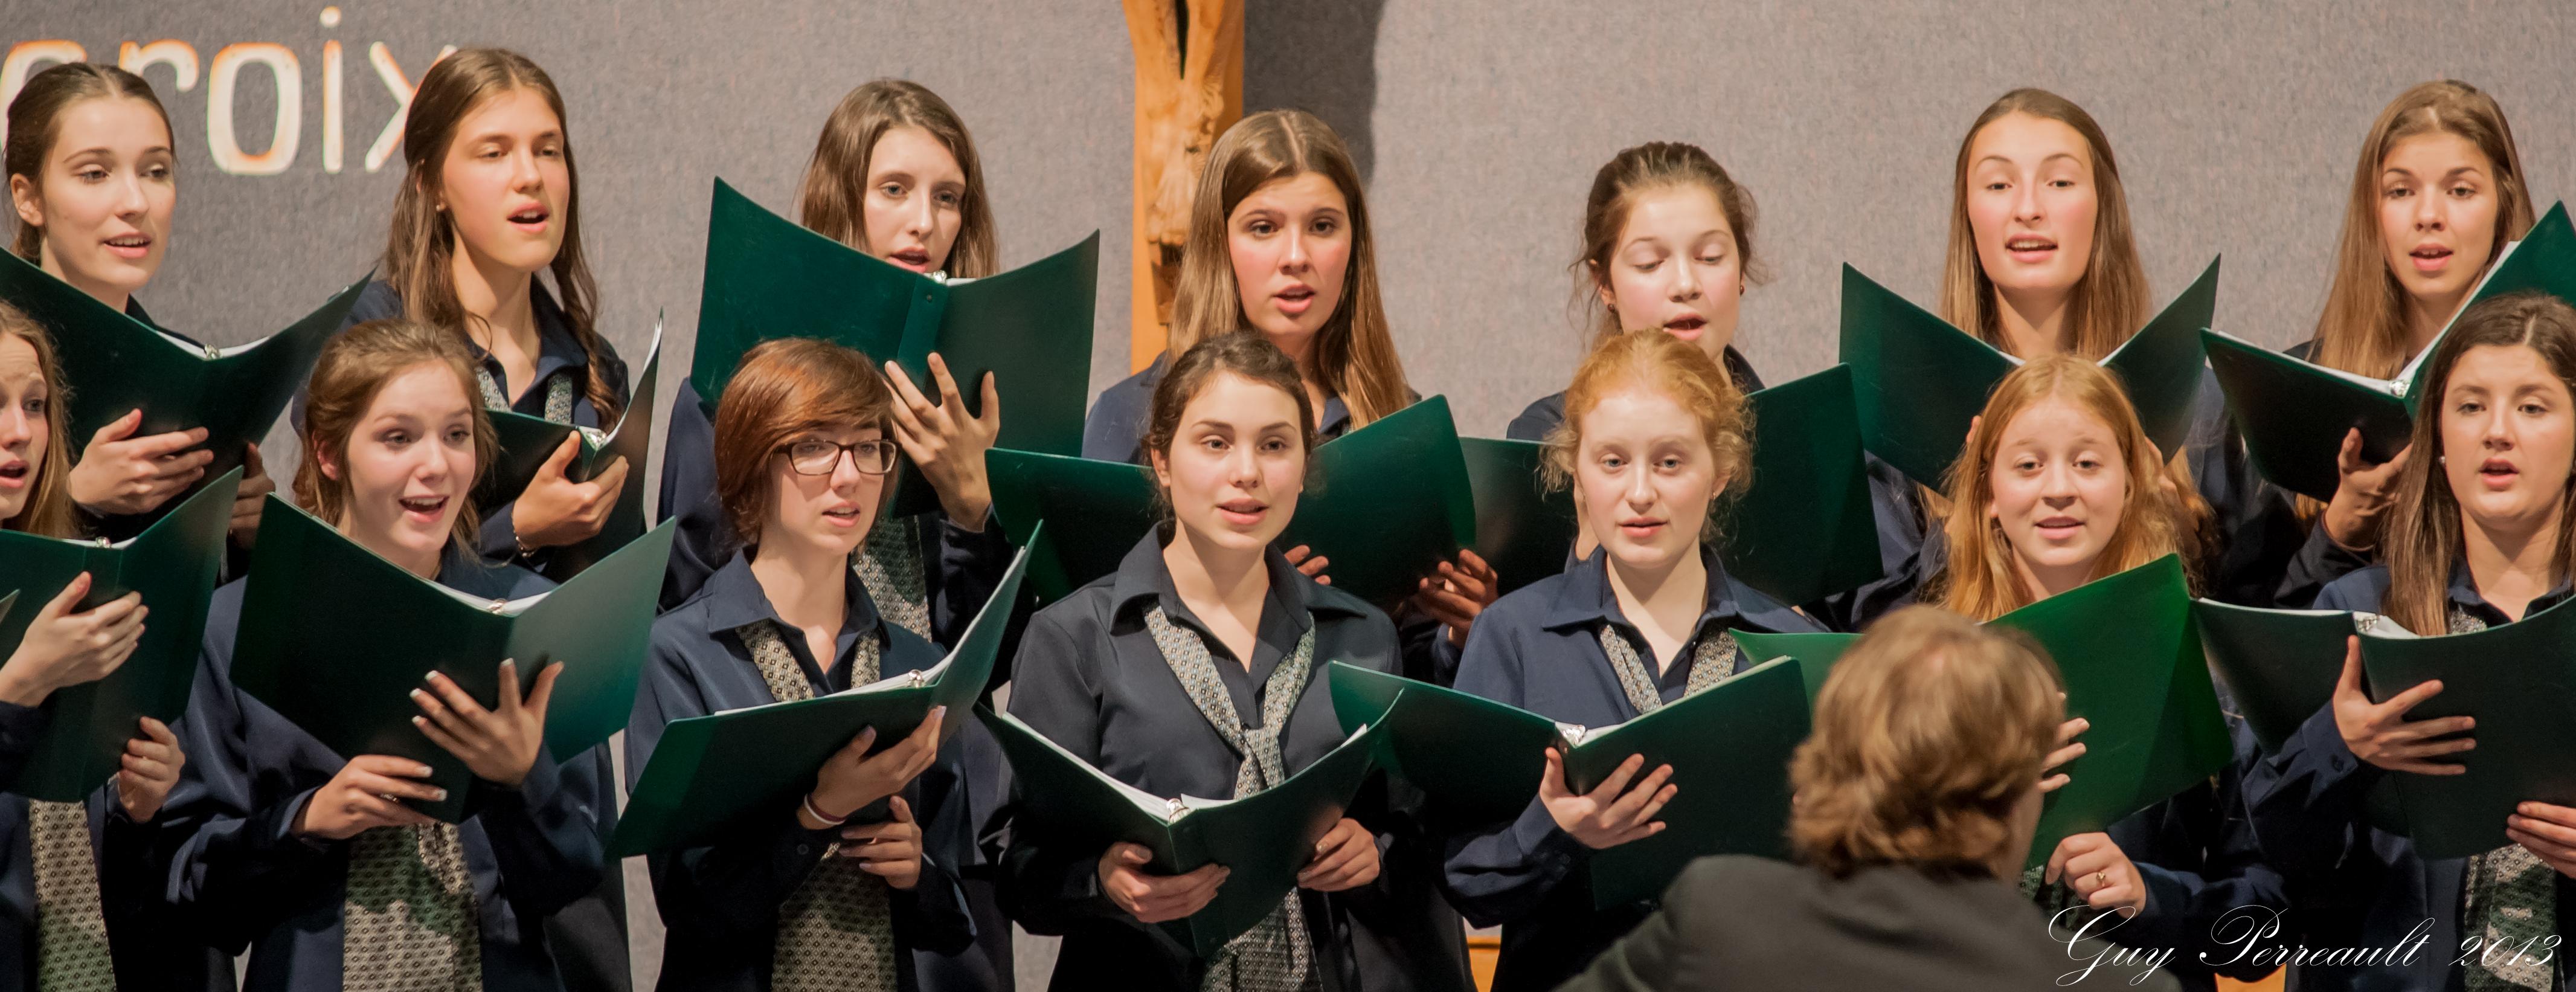 Les Voix Boréales au Concert-bénéfice 2013 de la Fondation André-Côté